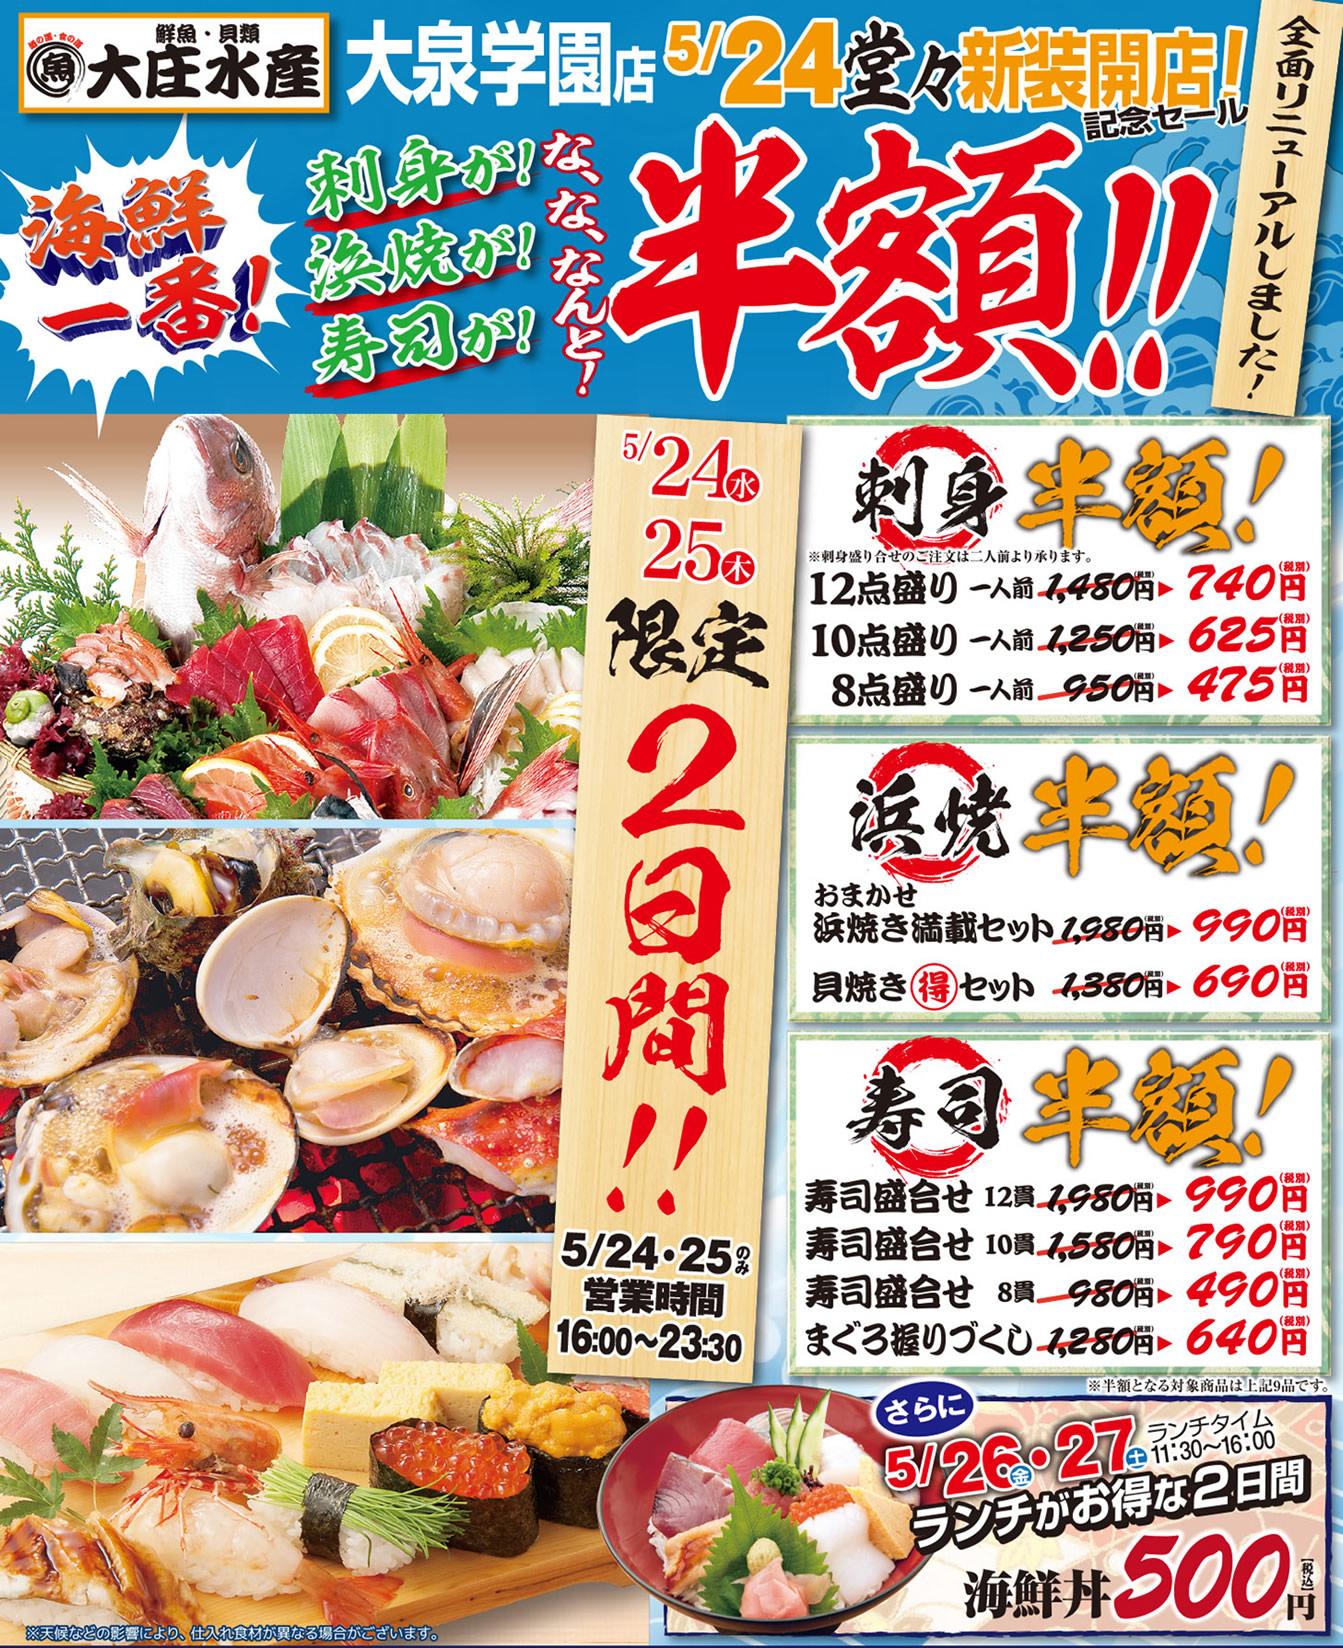 【大庄水産 大泉学園店】新装開店記念「名物半額セール」イベント開催!